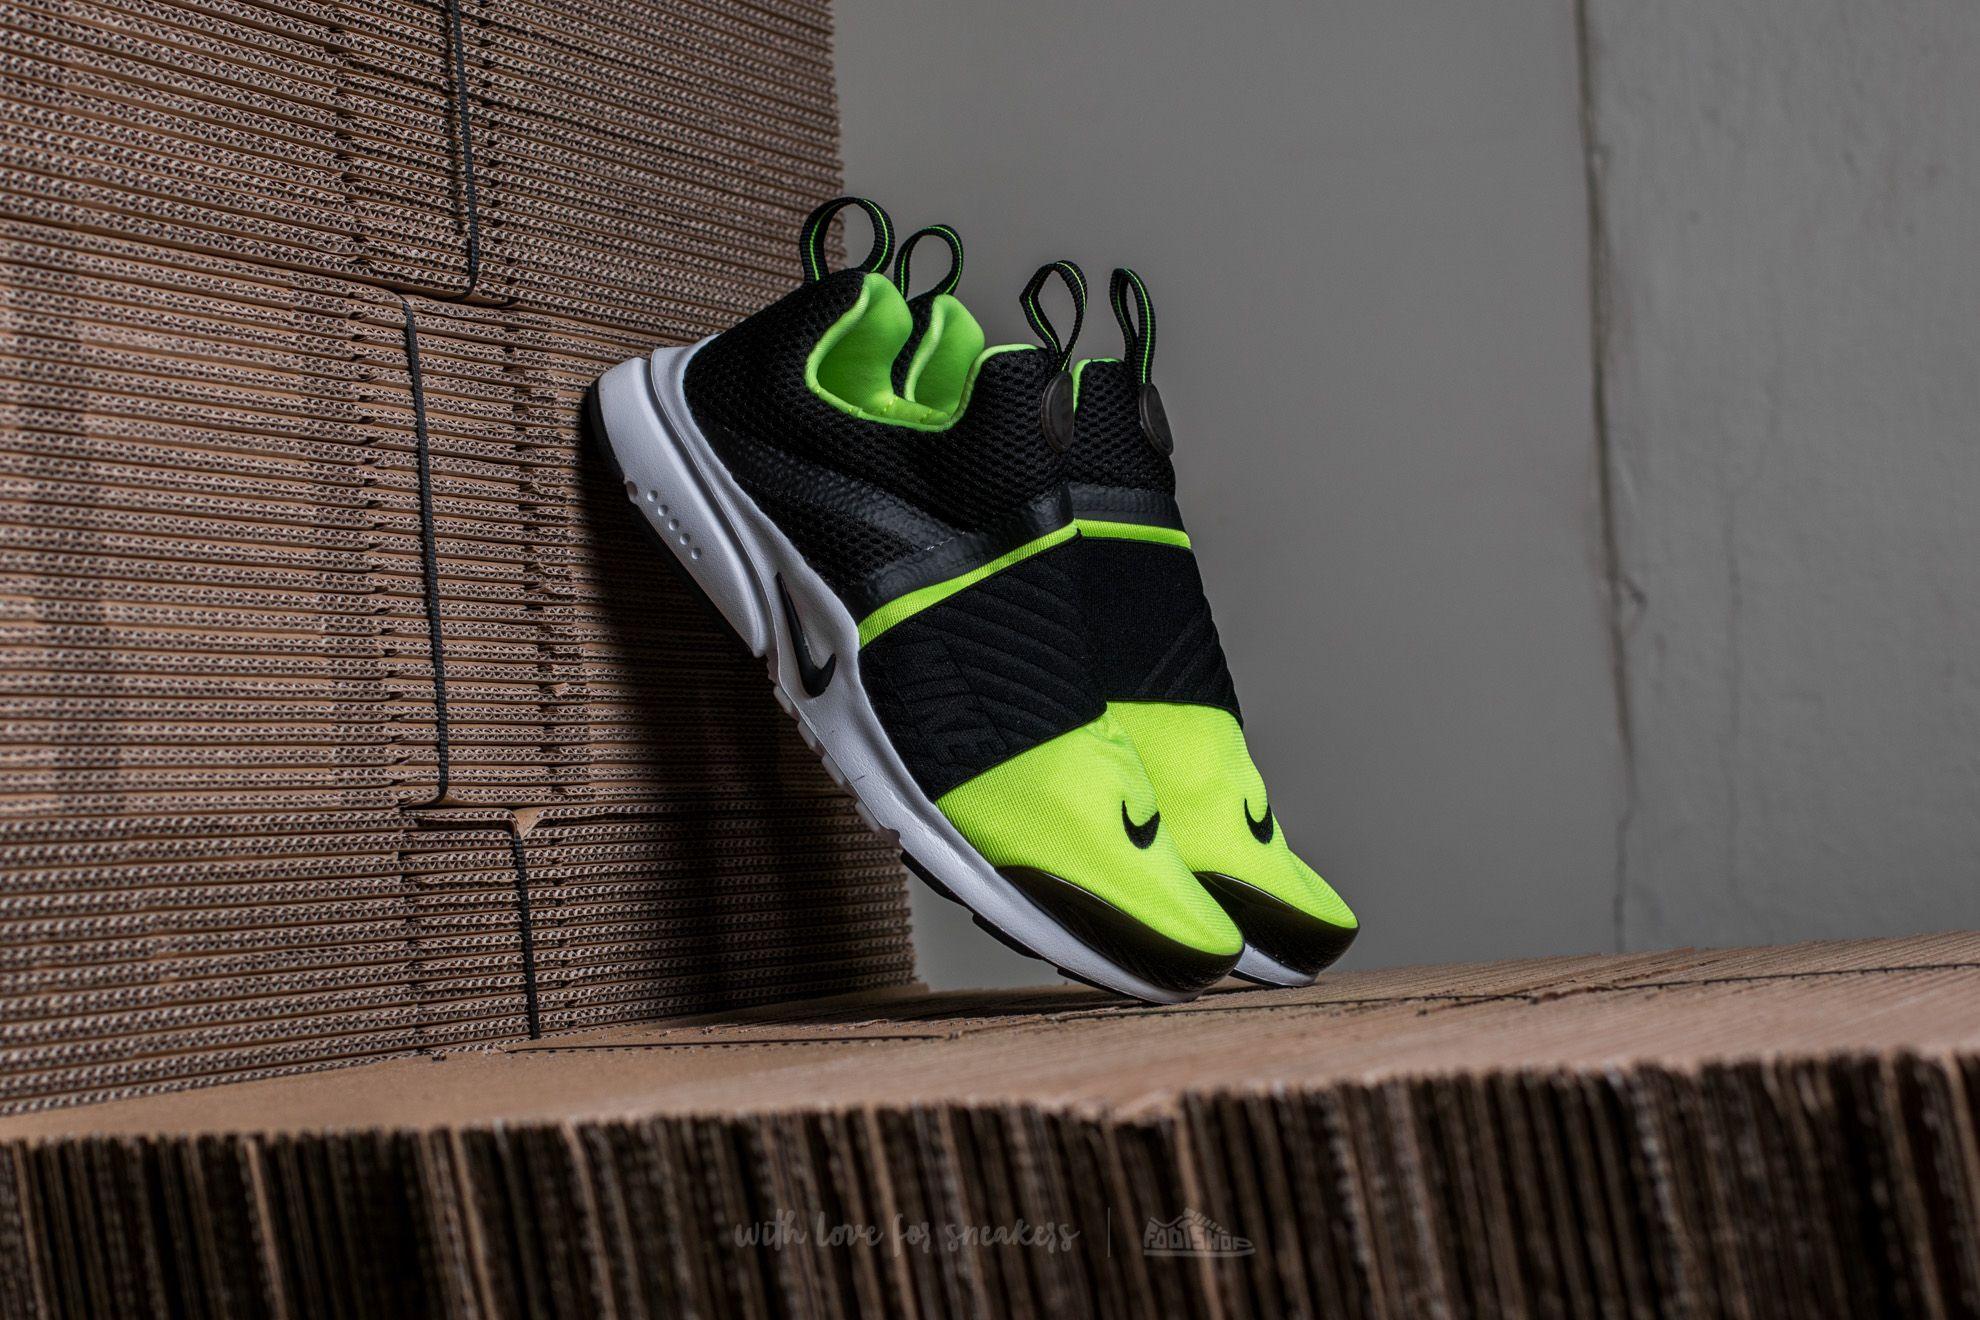 Monasterio Cerebro Suposiciones, suposiciones. Adivinar  Women's shoes Nike Presto Extreme (GS) Volt/ Black-White